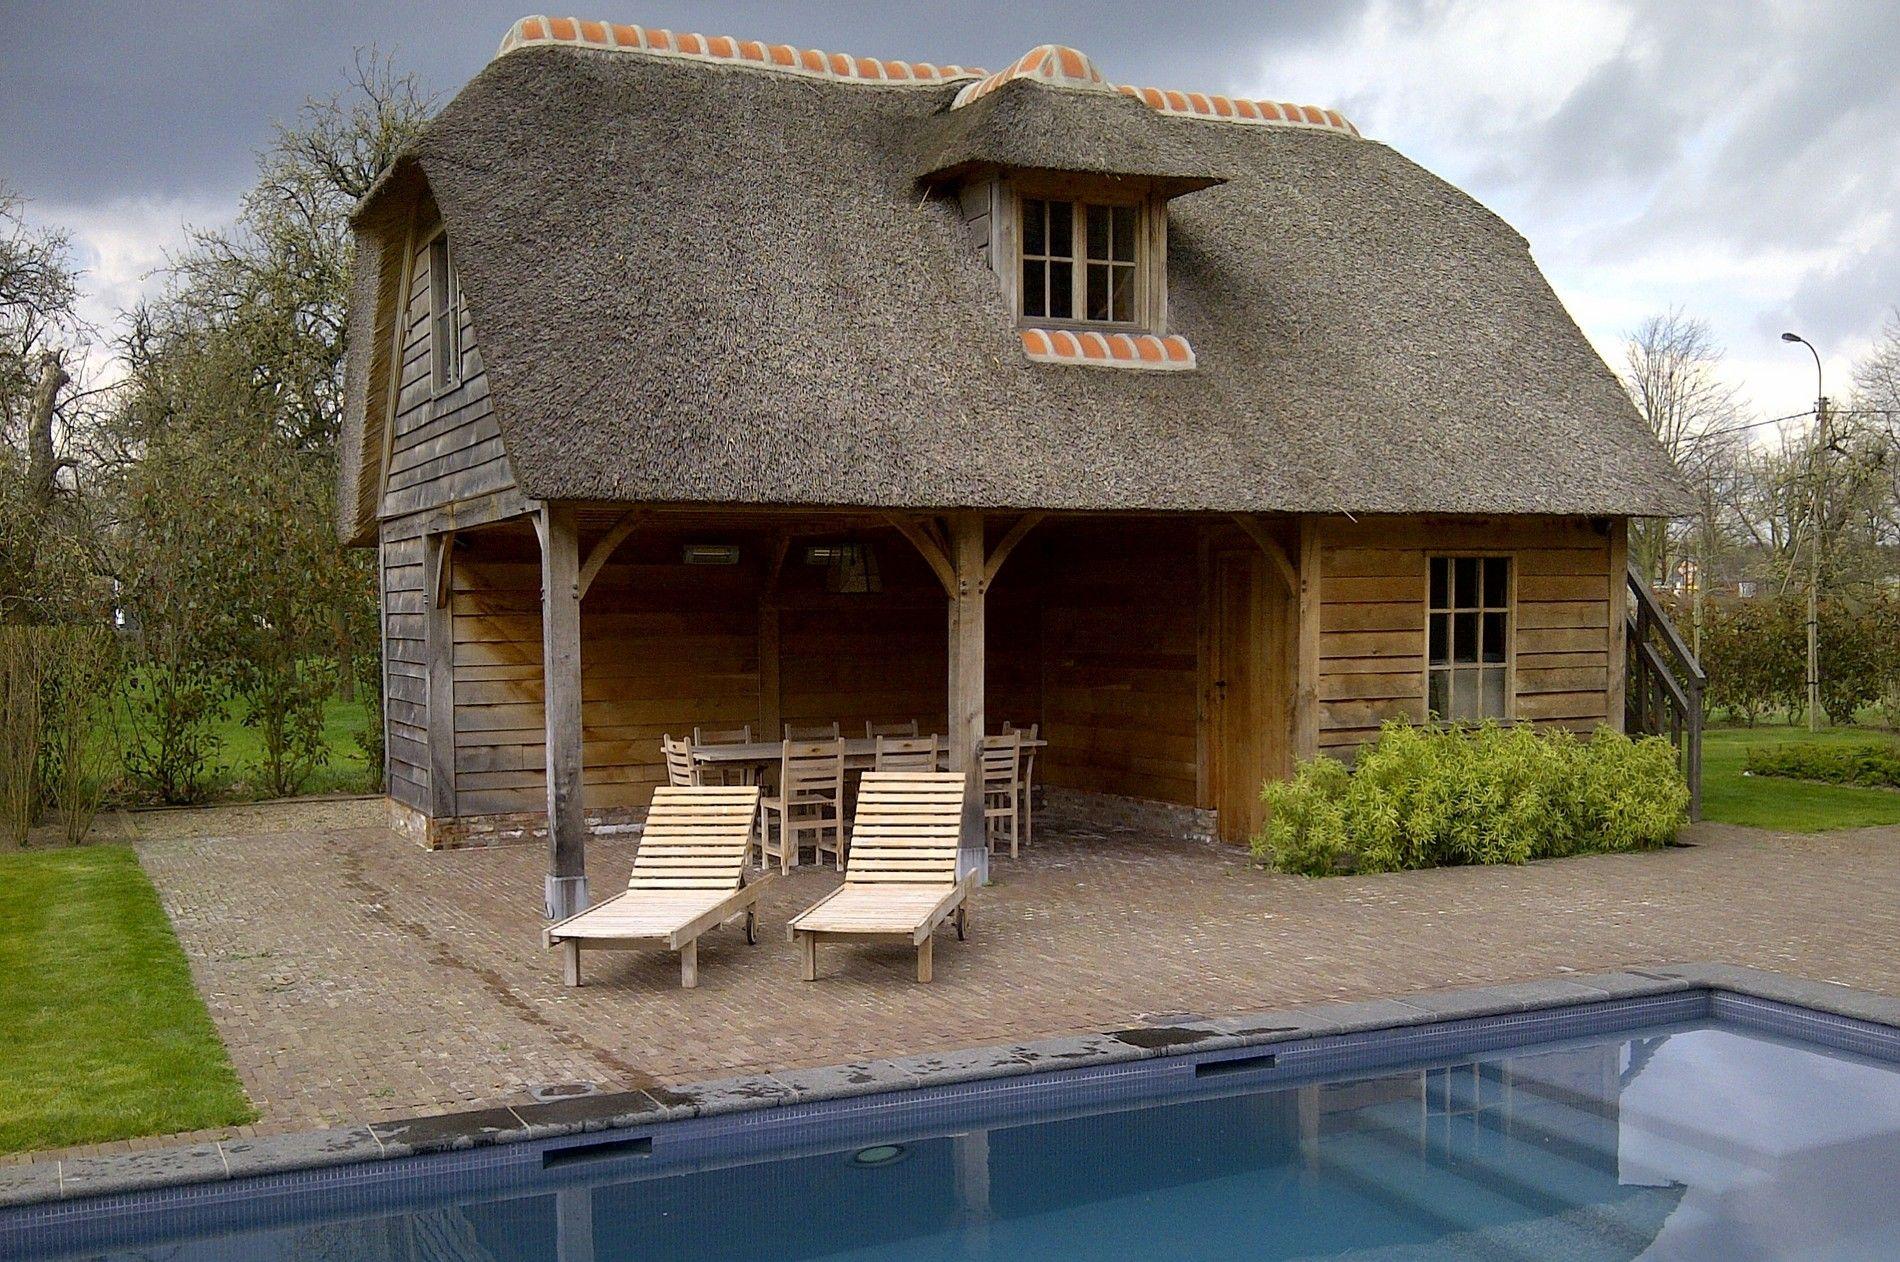 eikenhouten poolhouse met rieten dak overdekt terras met